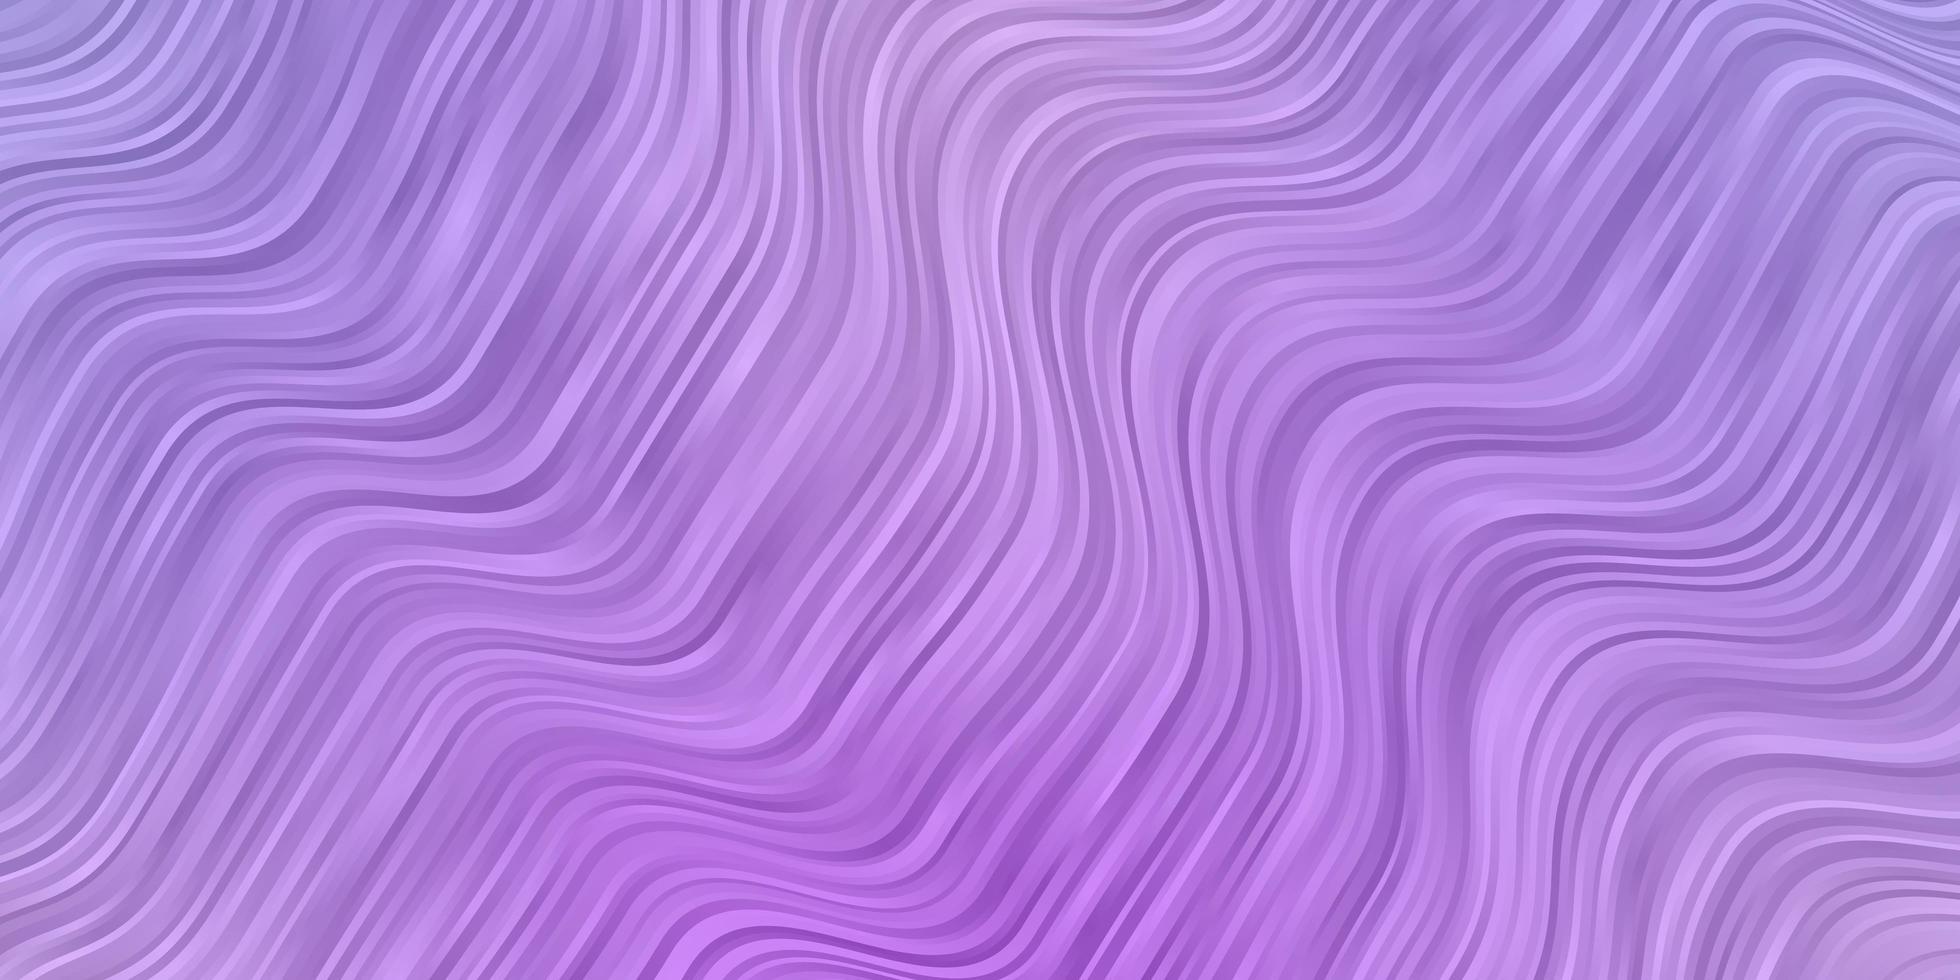 hellvioletter Vektorhintergrund mit Kurven. vektor